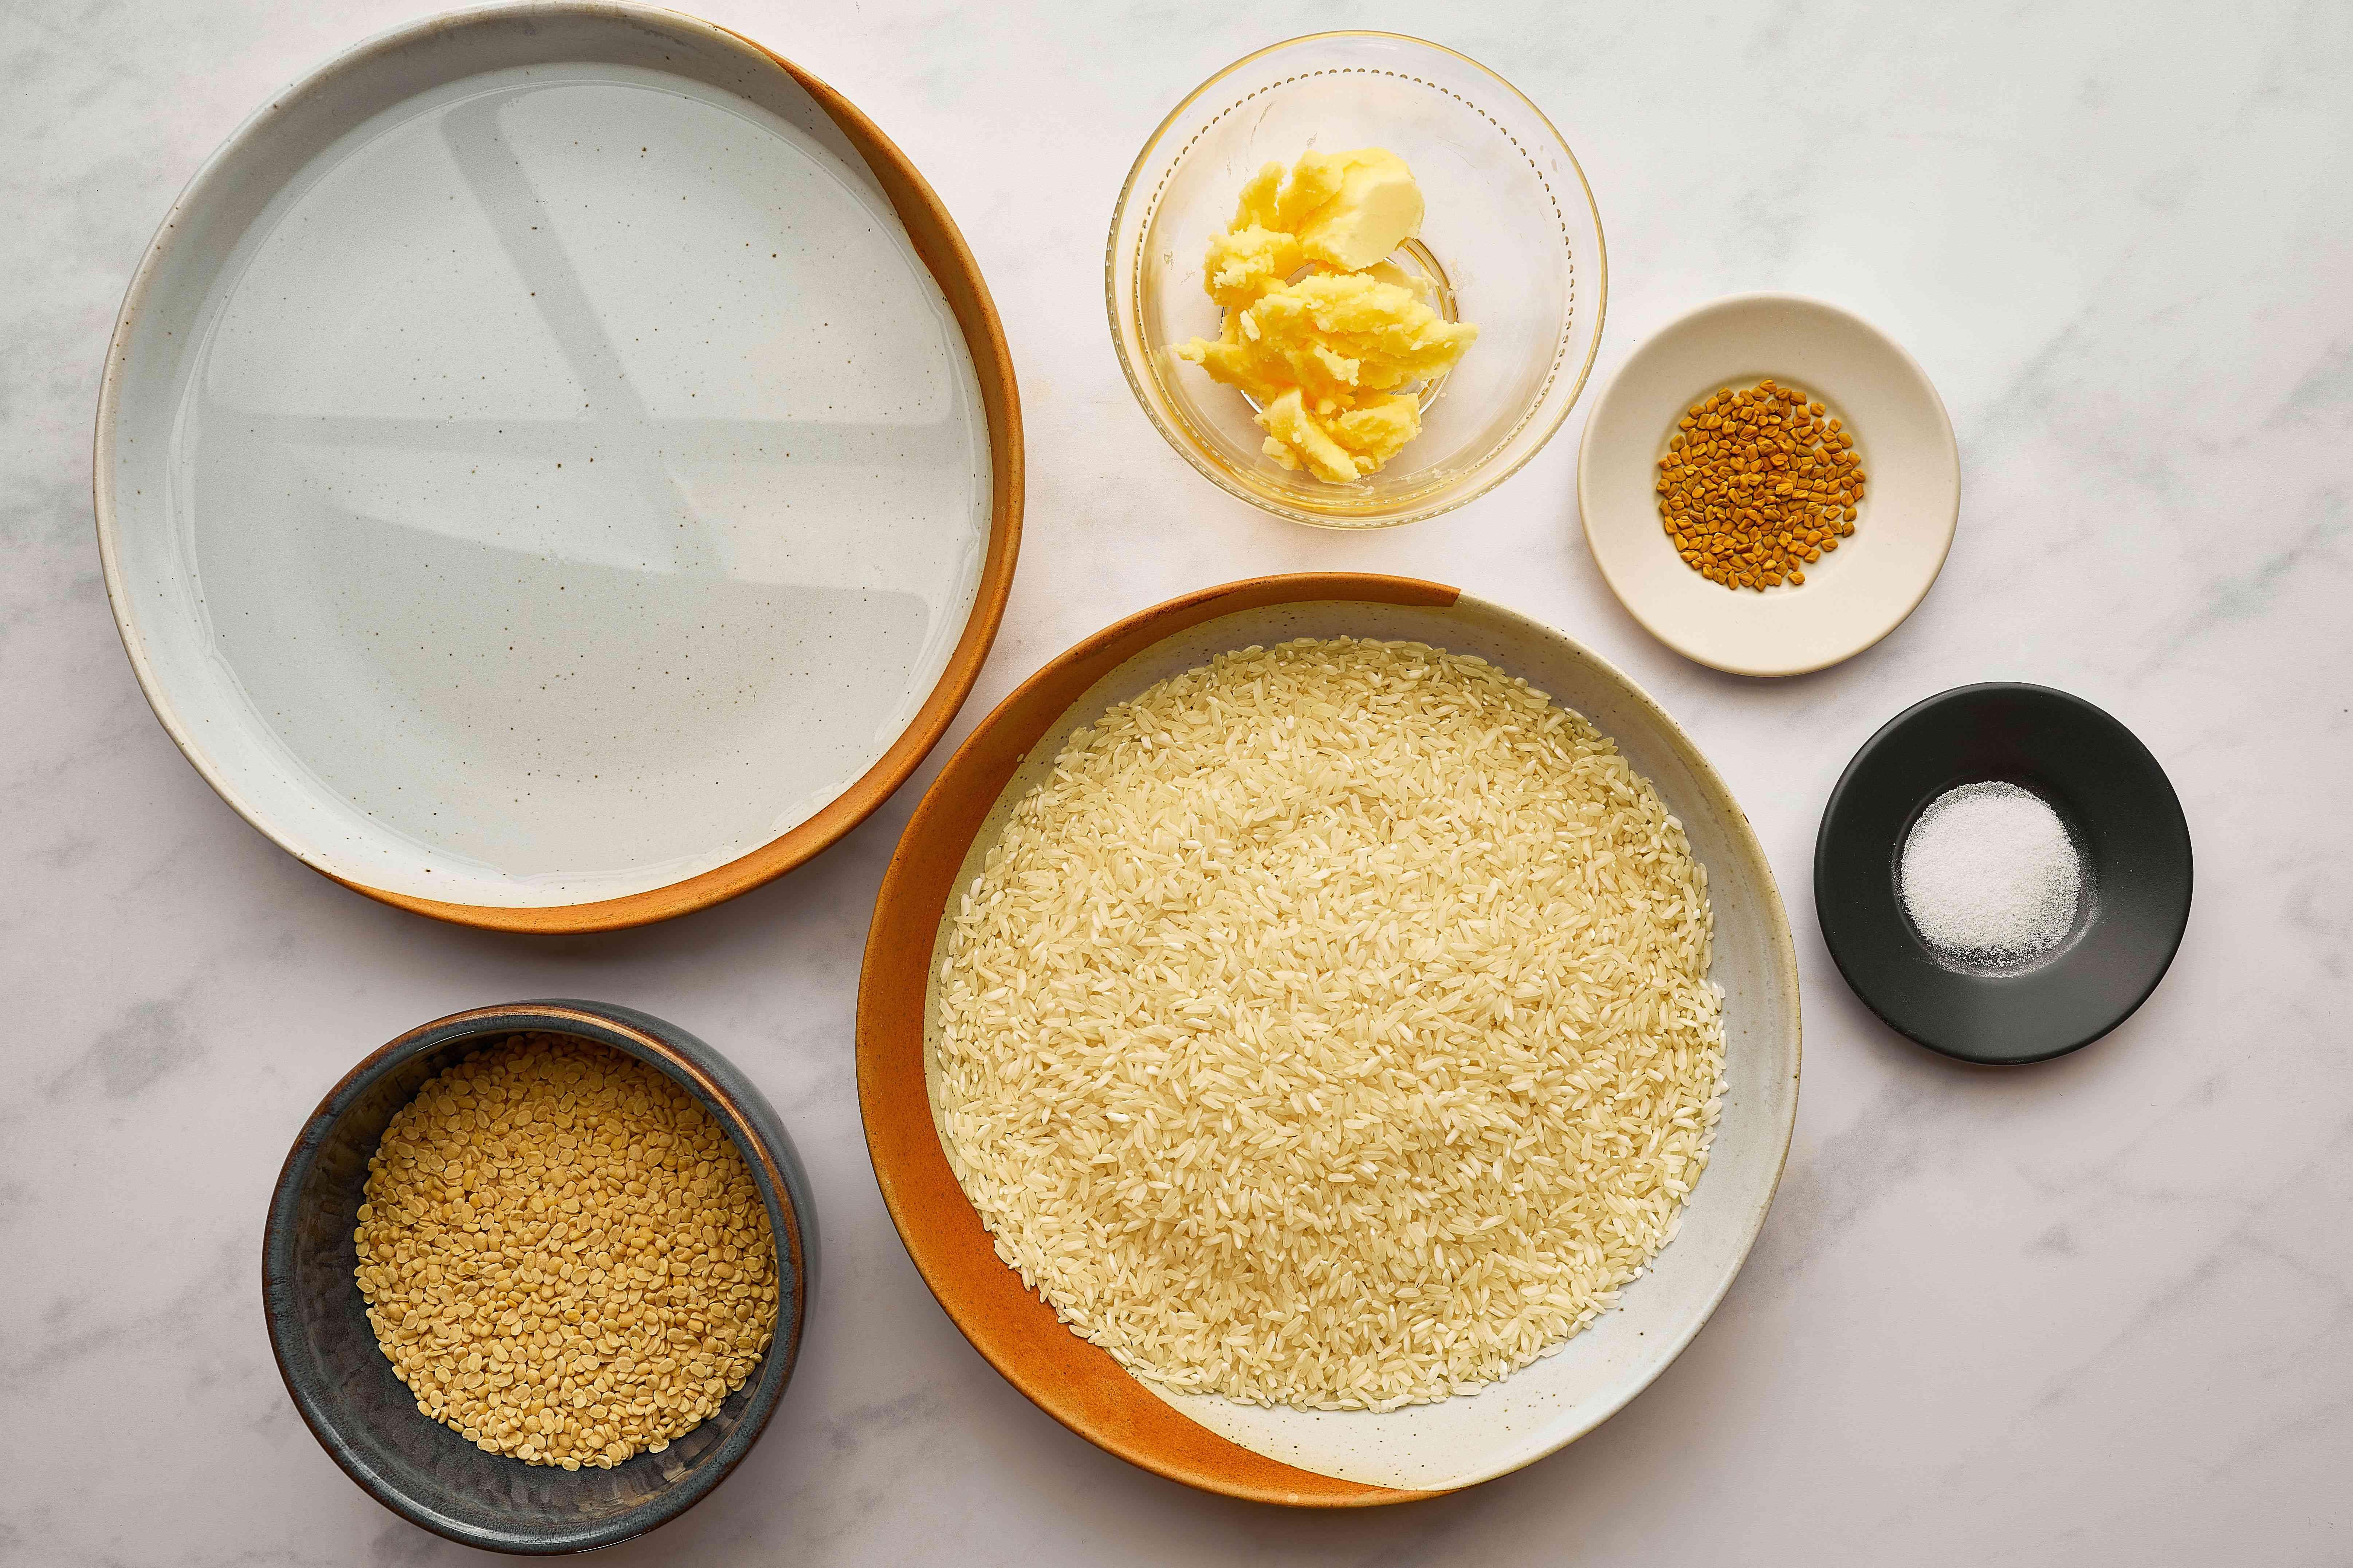 Savory Dosas Recipe (South Indian Pancakes) ingredients